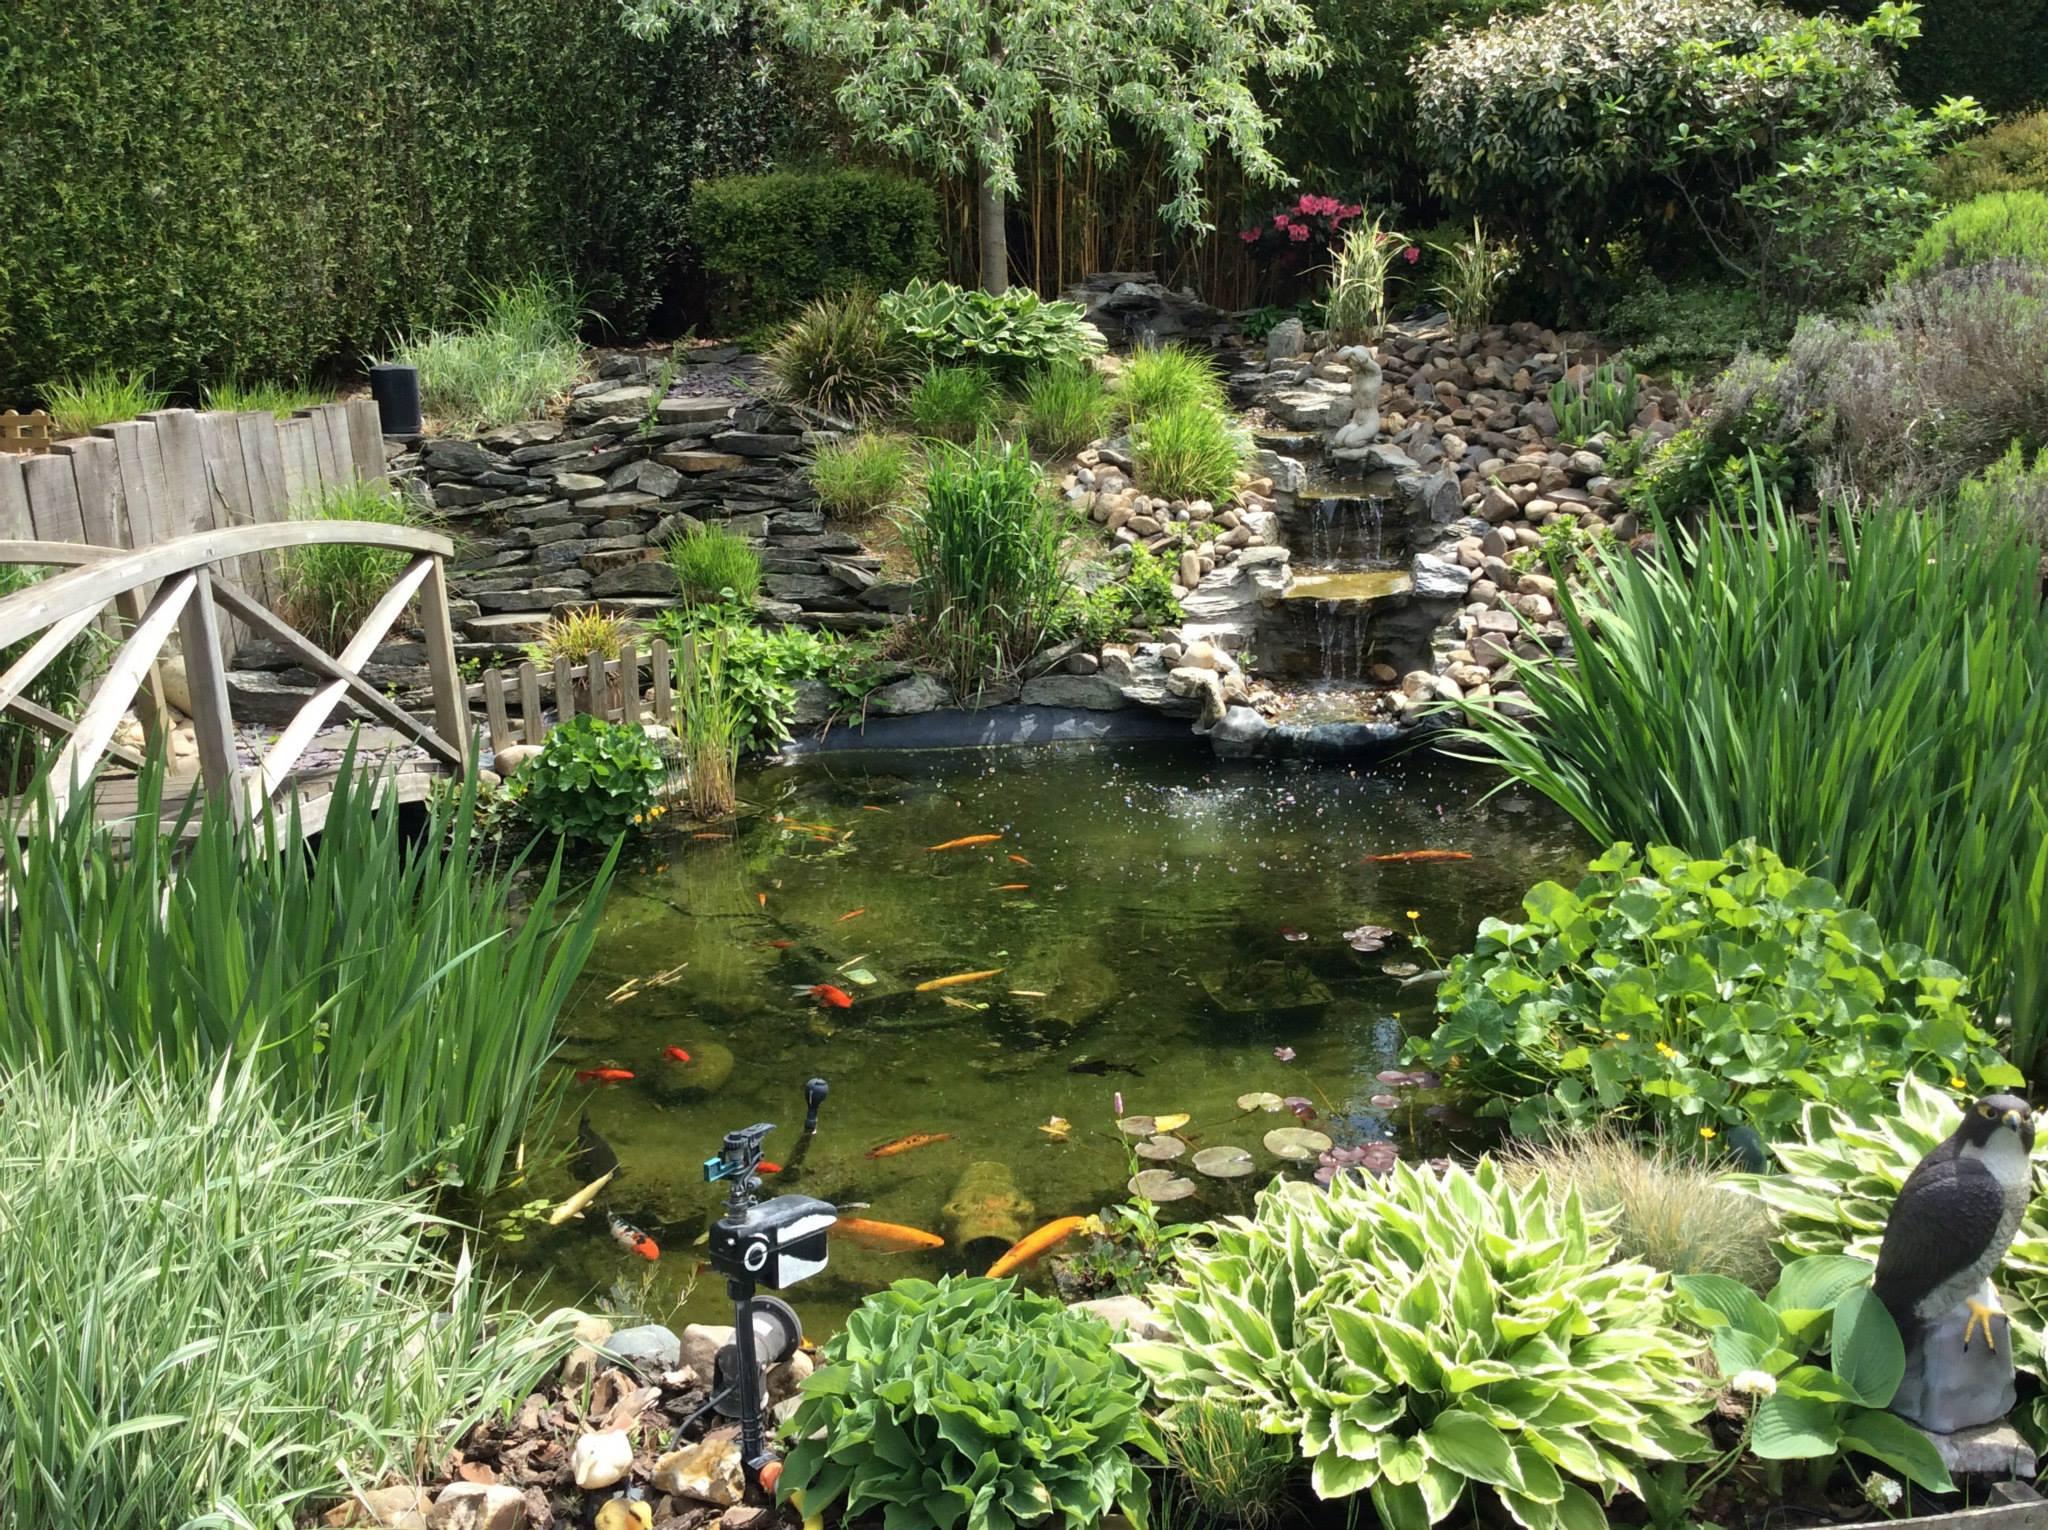 Les 15 Plus Beaux Bassins Découverts Lors Du Concours ... à Entretien D Un Bassin De Jardin